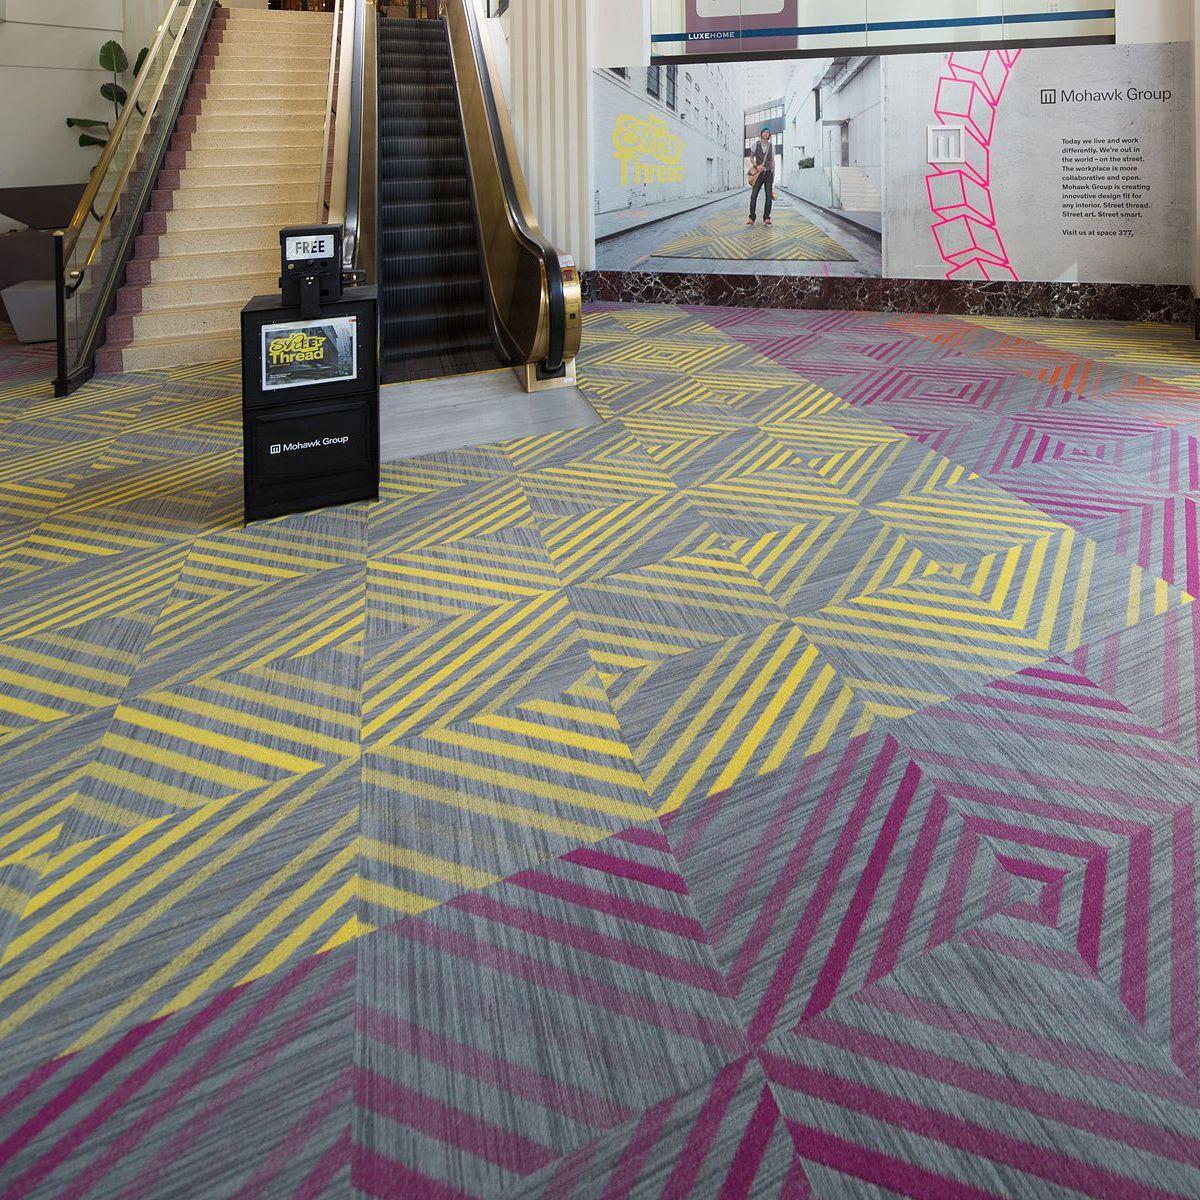 Image Result For Mohawk Flooring Ground Strata Modular Carpet Carpet Tiles Commercial Carpet